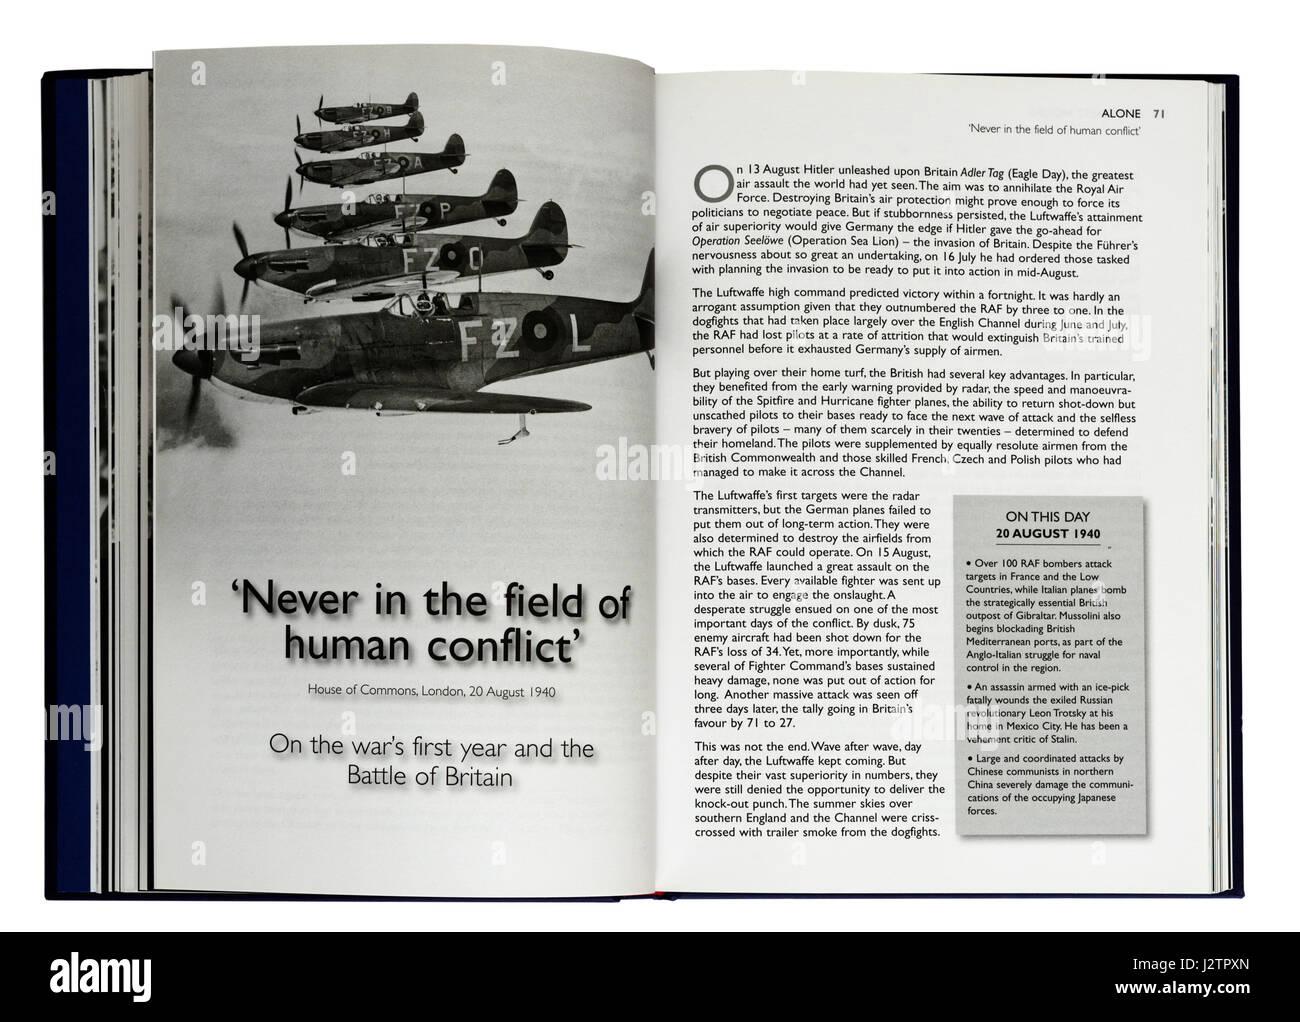 Nie im Bereich des menschlichen Konflikt: eine Seite aus einem Buch Illustrated Winston Churchills berühmten Stockbild